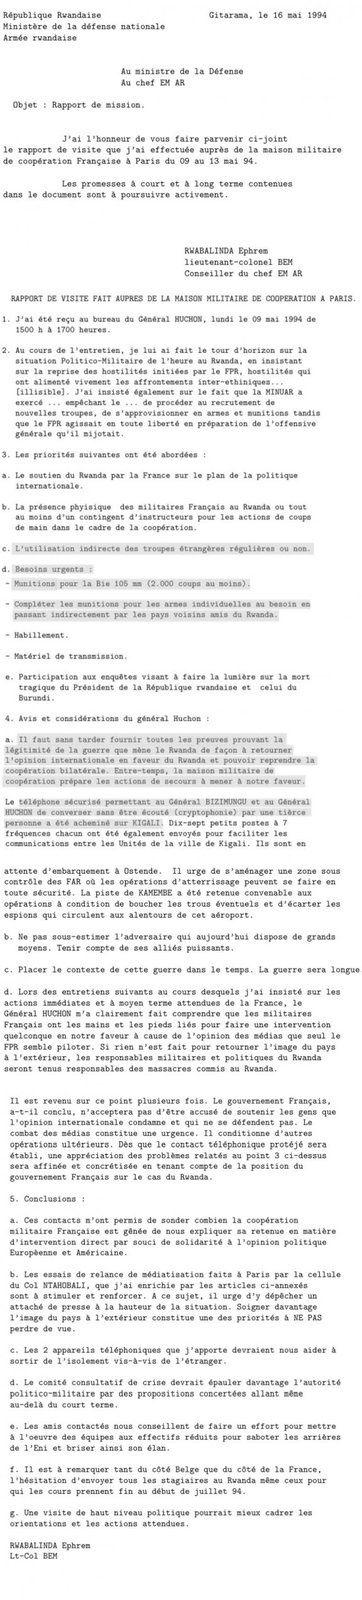 Complicité française dans le génocide au Rwanda. Document 15 : Rapport de visite fait auprès de la Mission militaire de coopération à Paris, rédigé par le colonel rwandais Ephrem Rwabalinda (Survie)